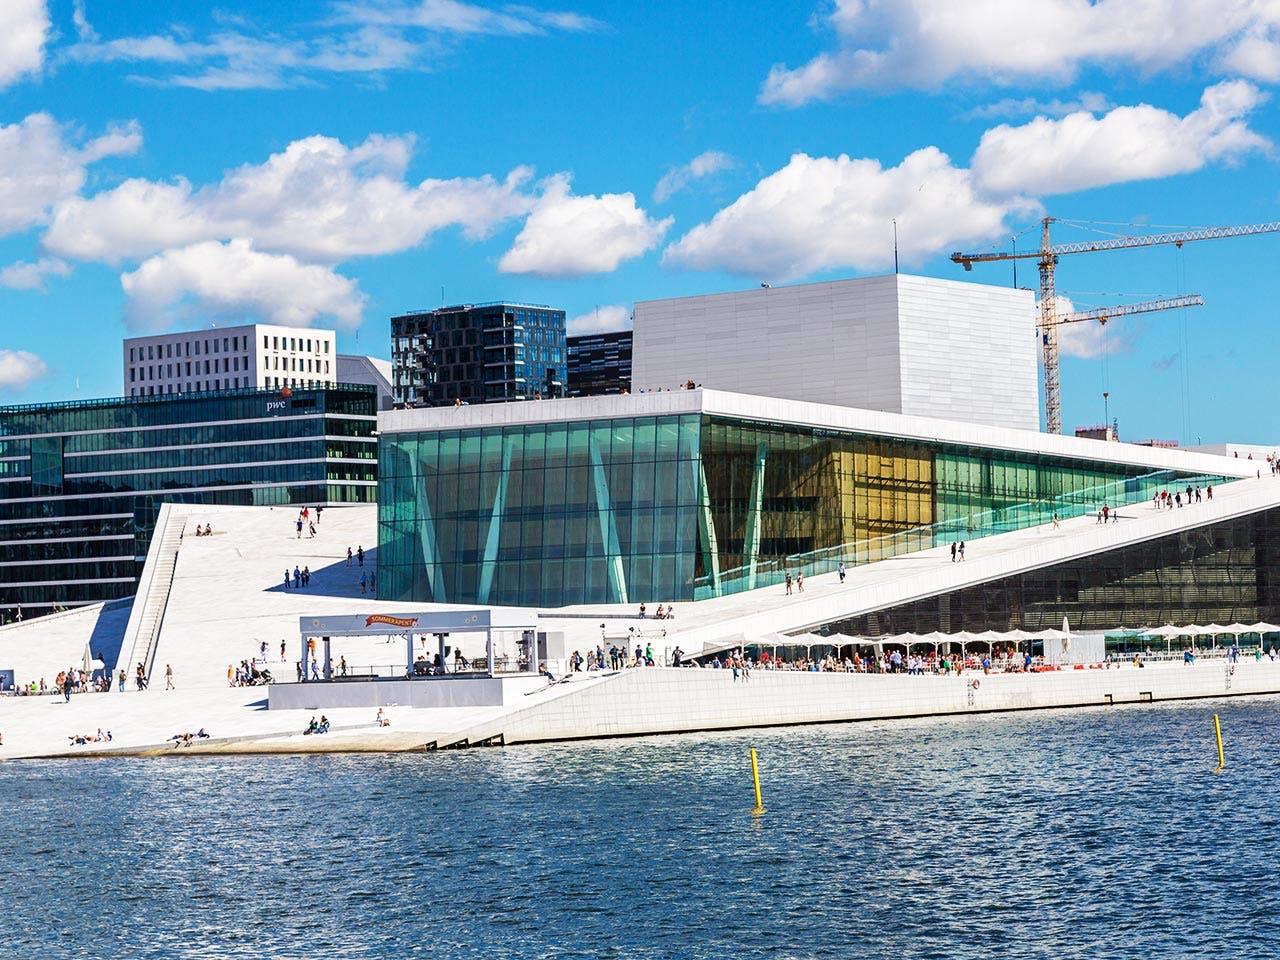 Norway | S-F/Shutterstock.com